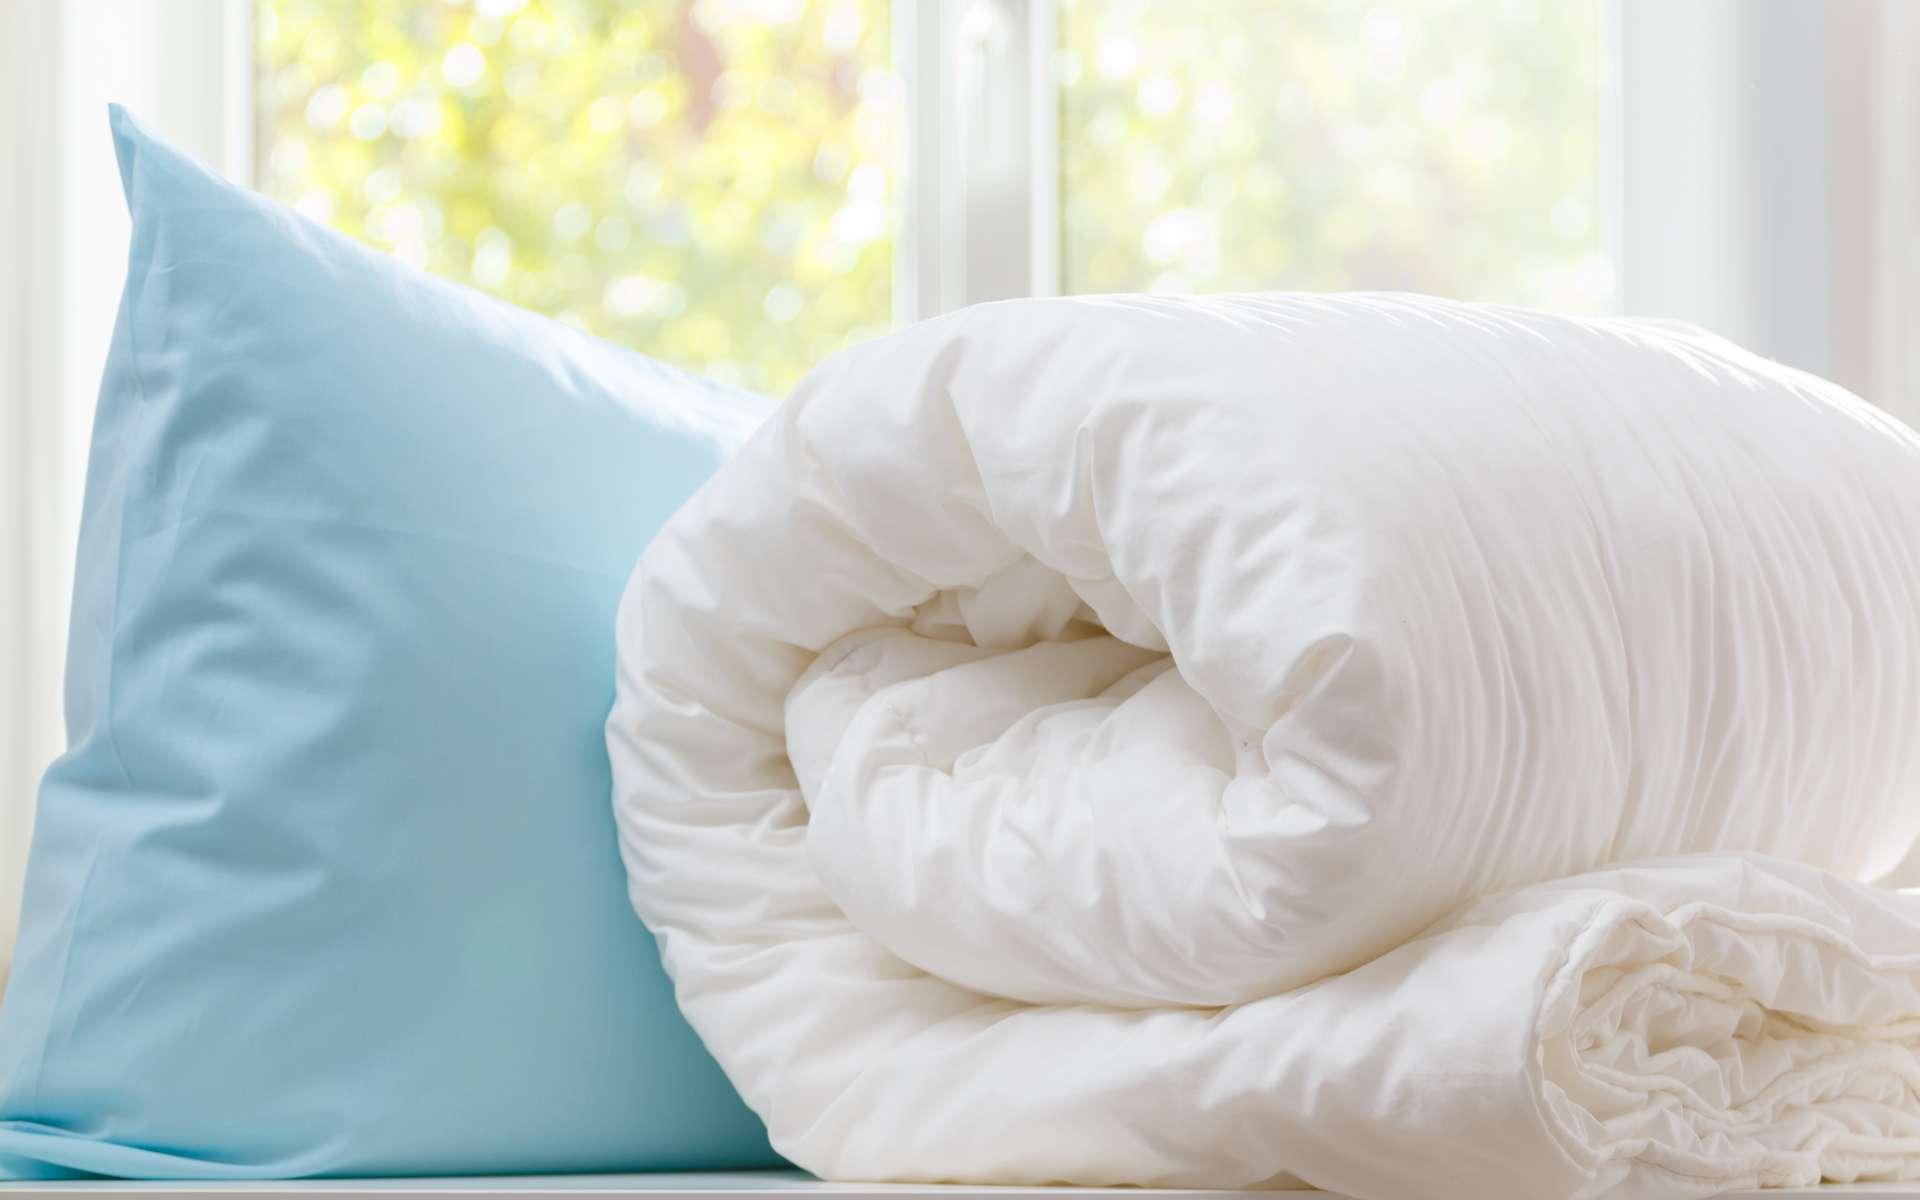 La couette en duvet est le modèle d'origine. © Olga, Adobe Stock